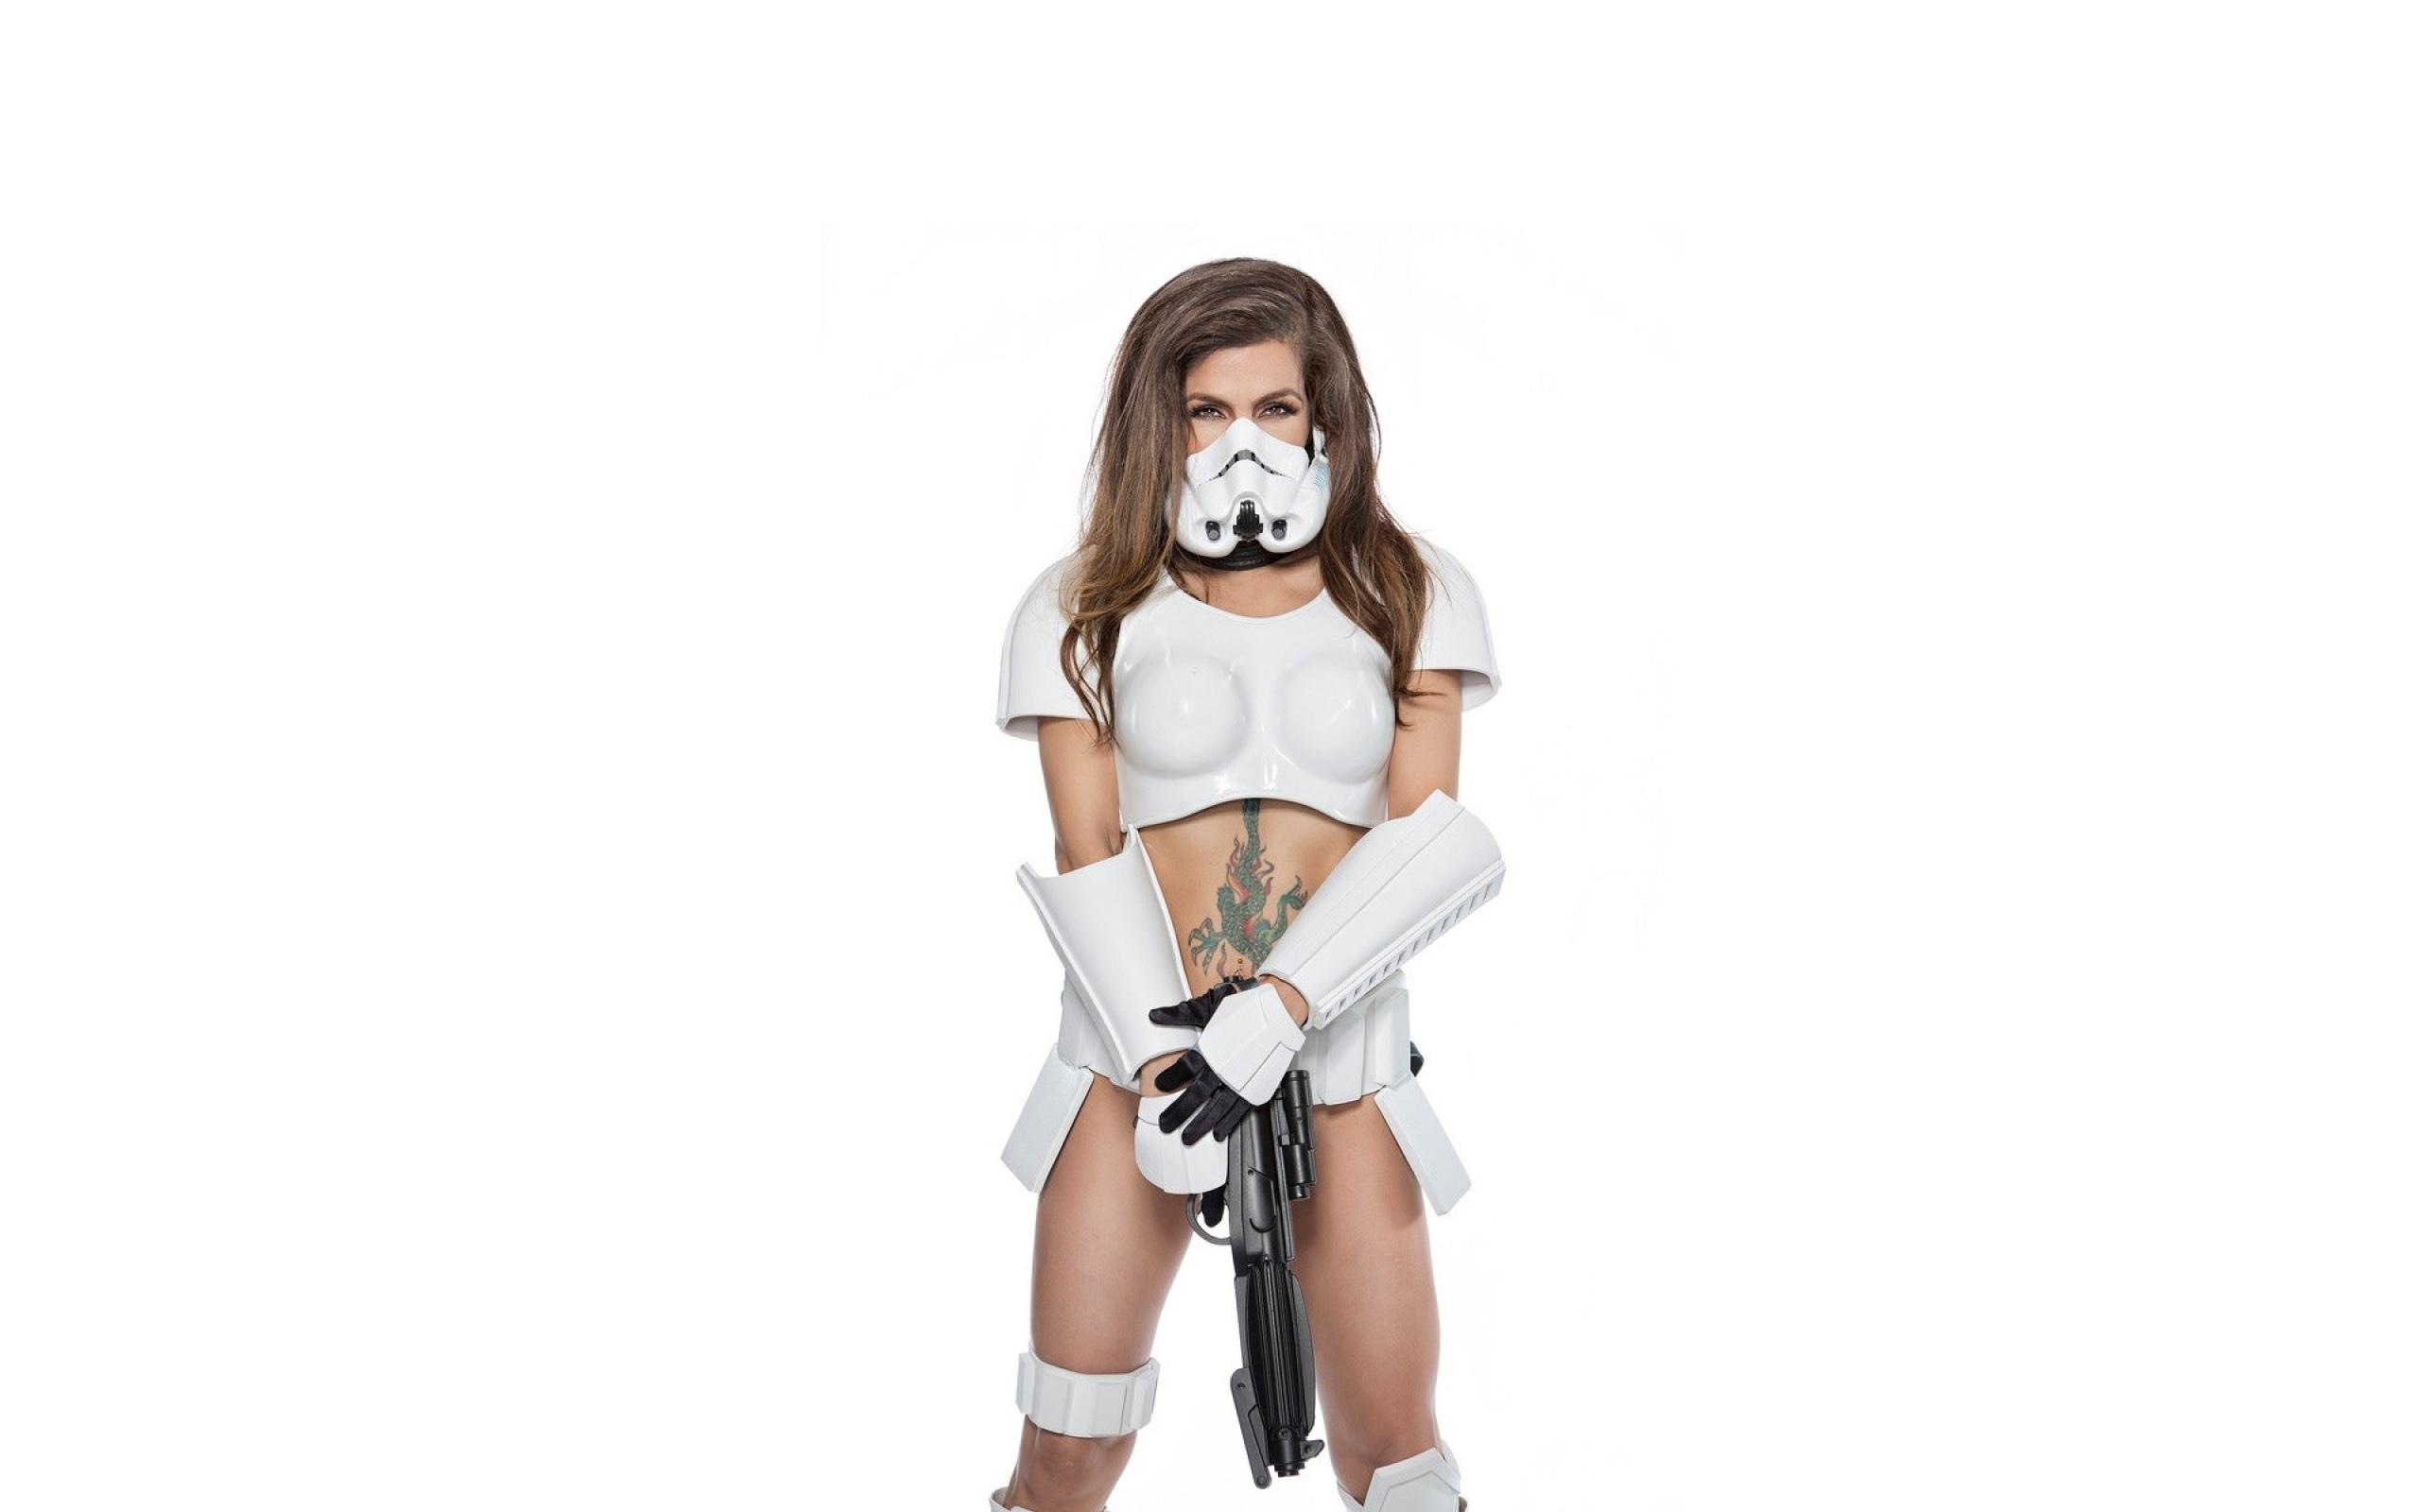 Download 2560x1600 star wars, costume, model, tattoo